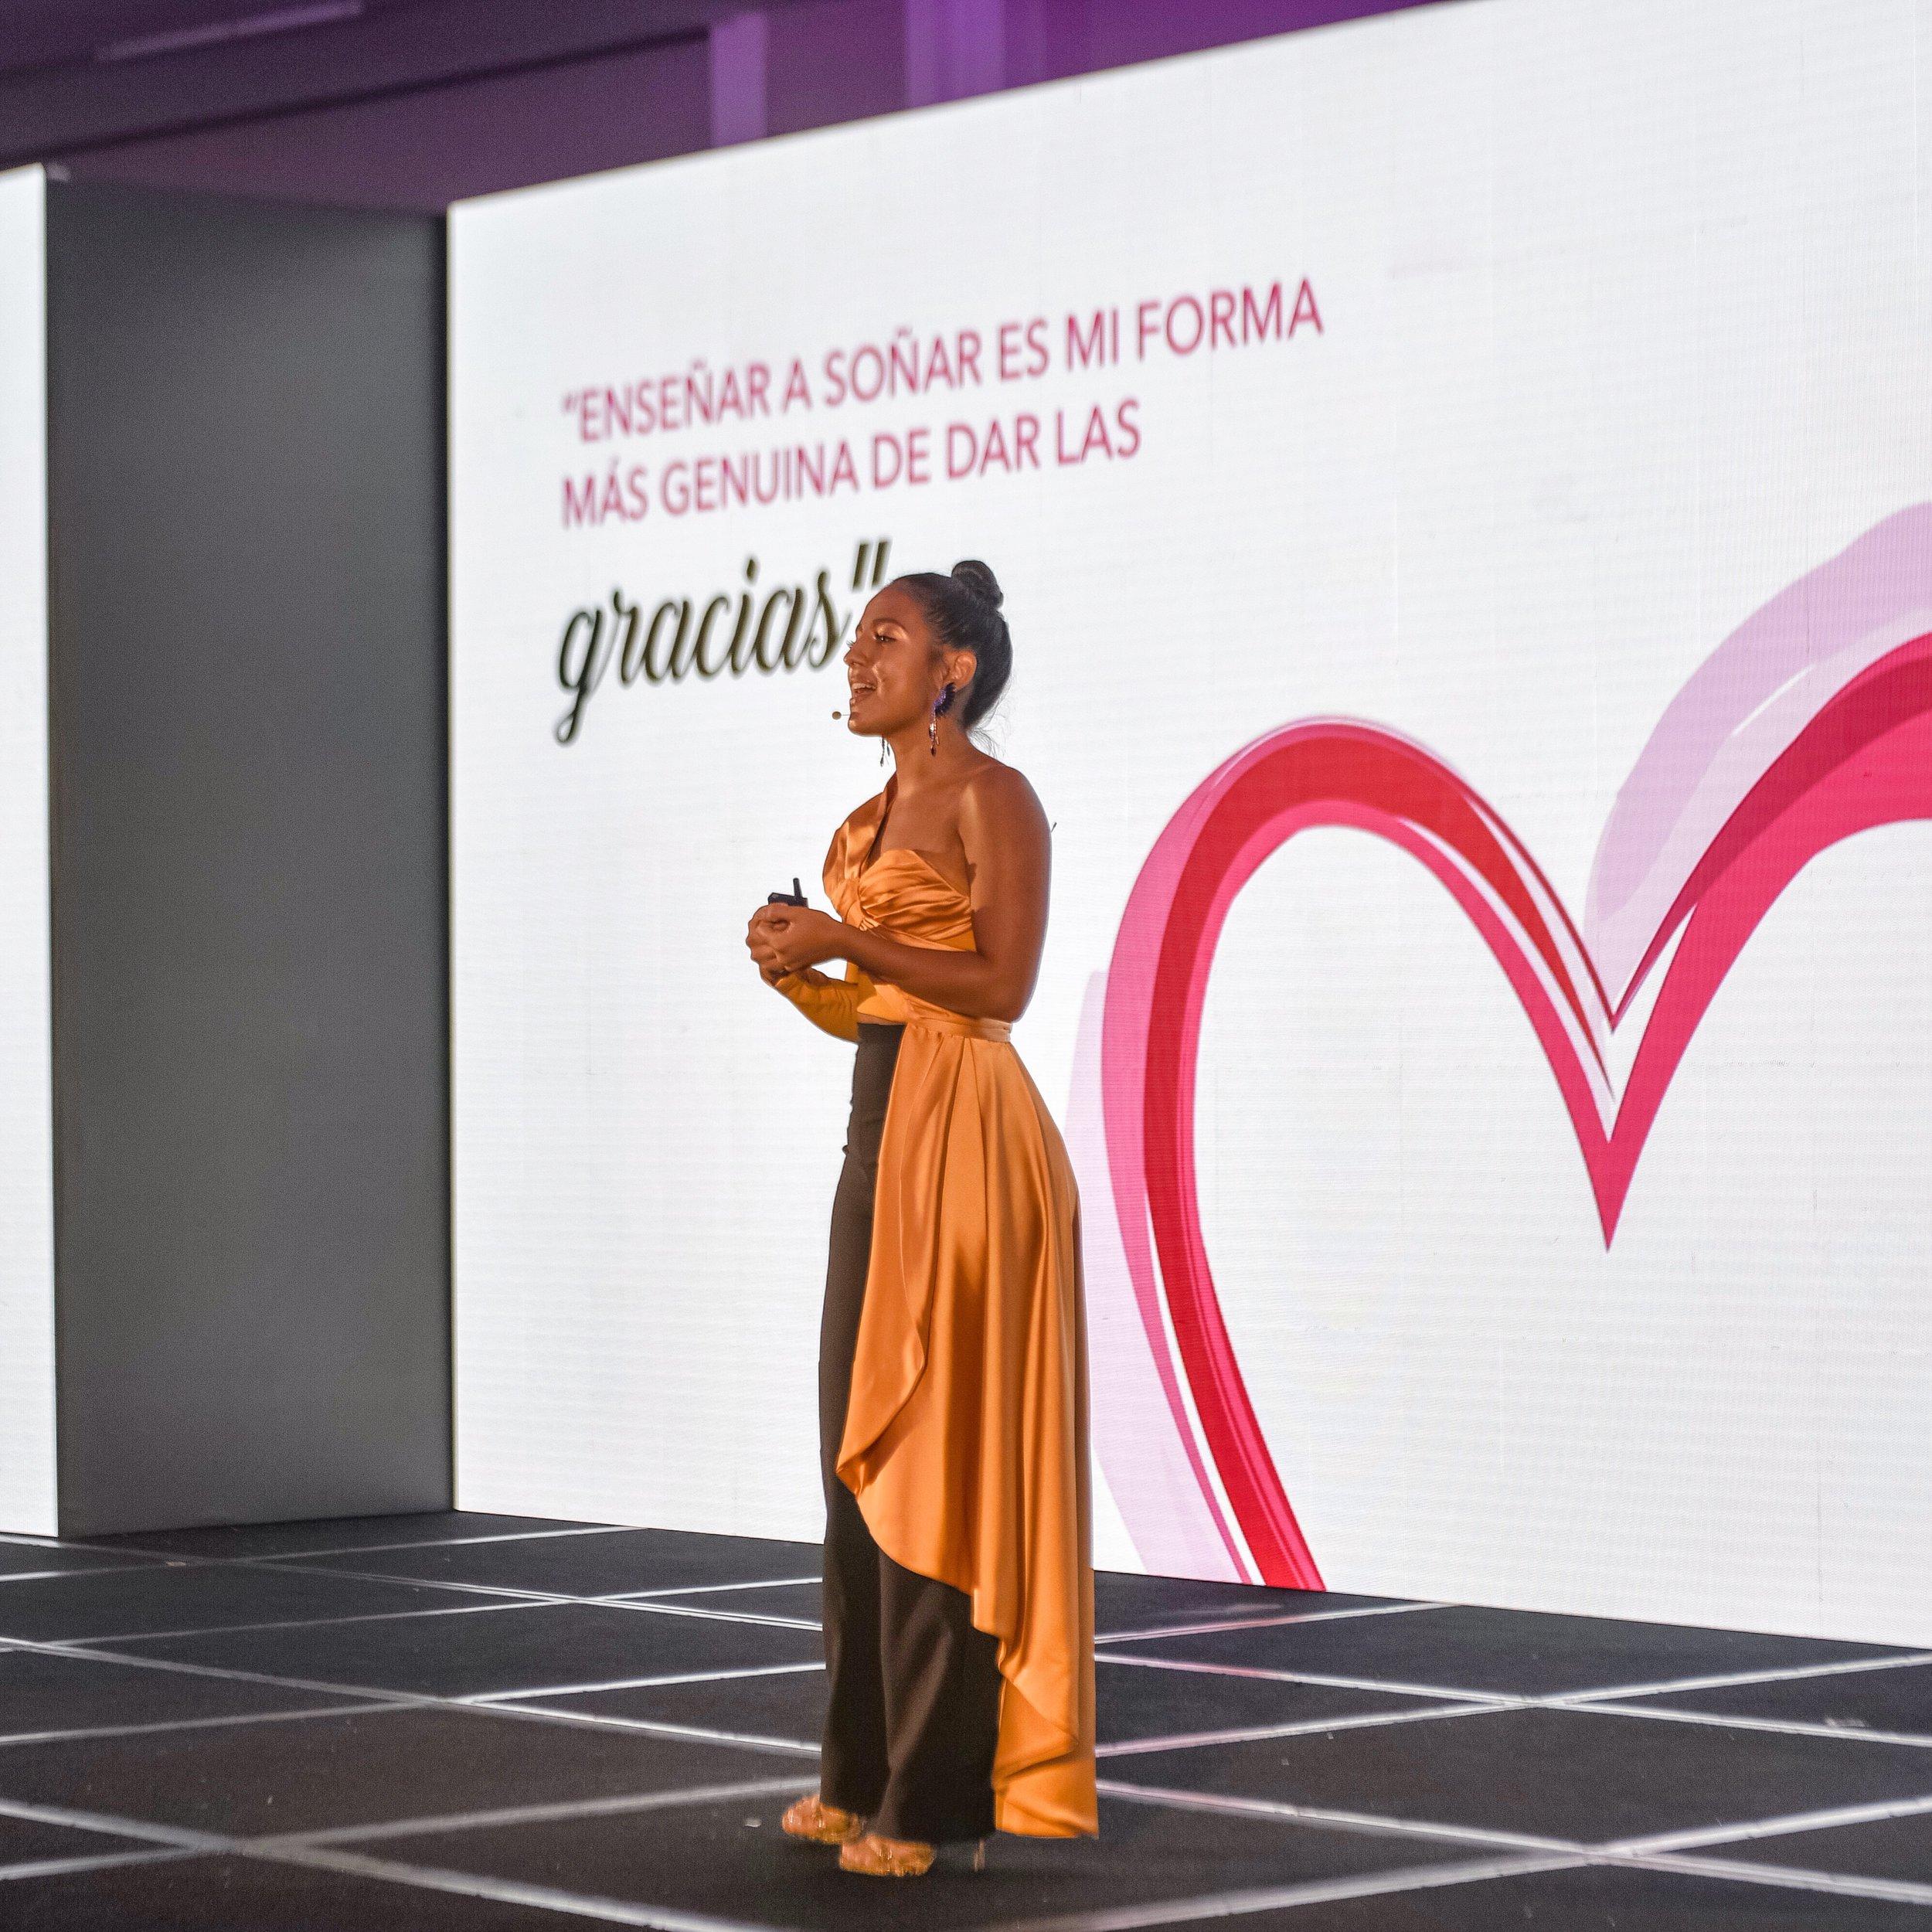 marca personal enseñar a soñar sueños metas goals 2018 conferencia